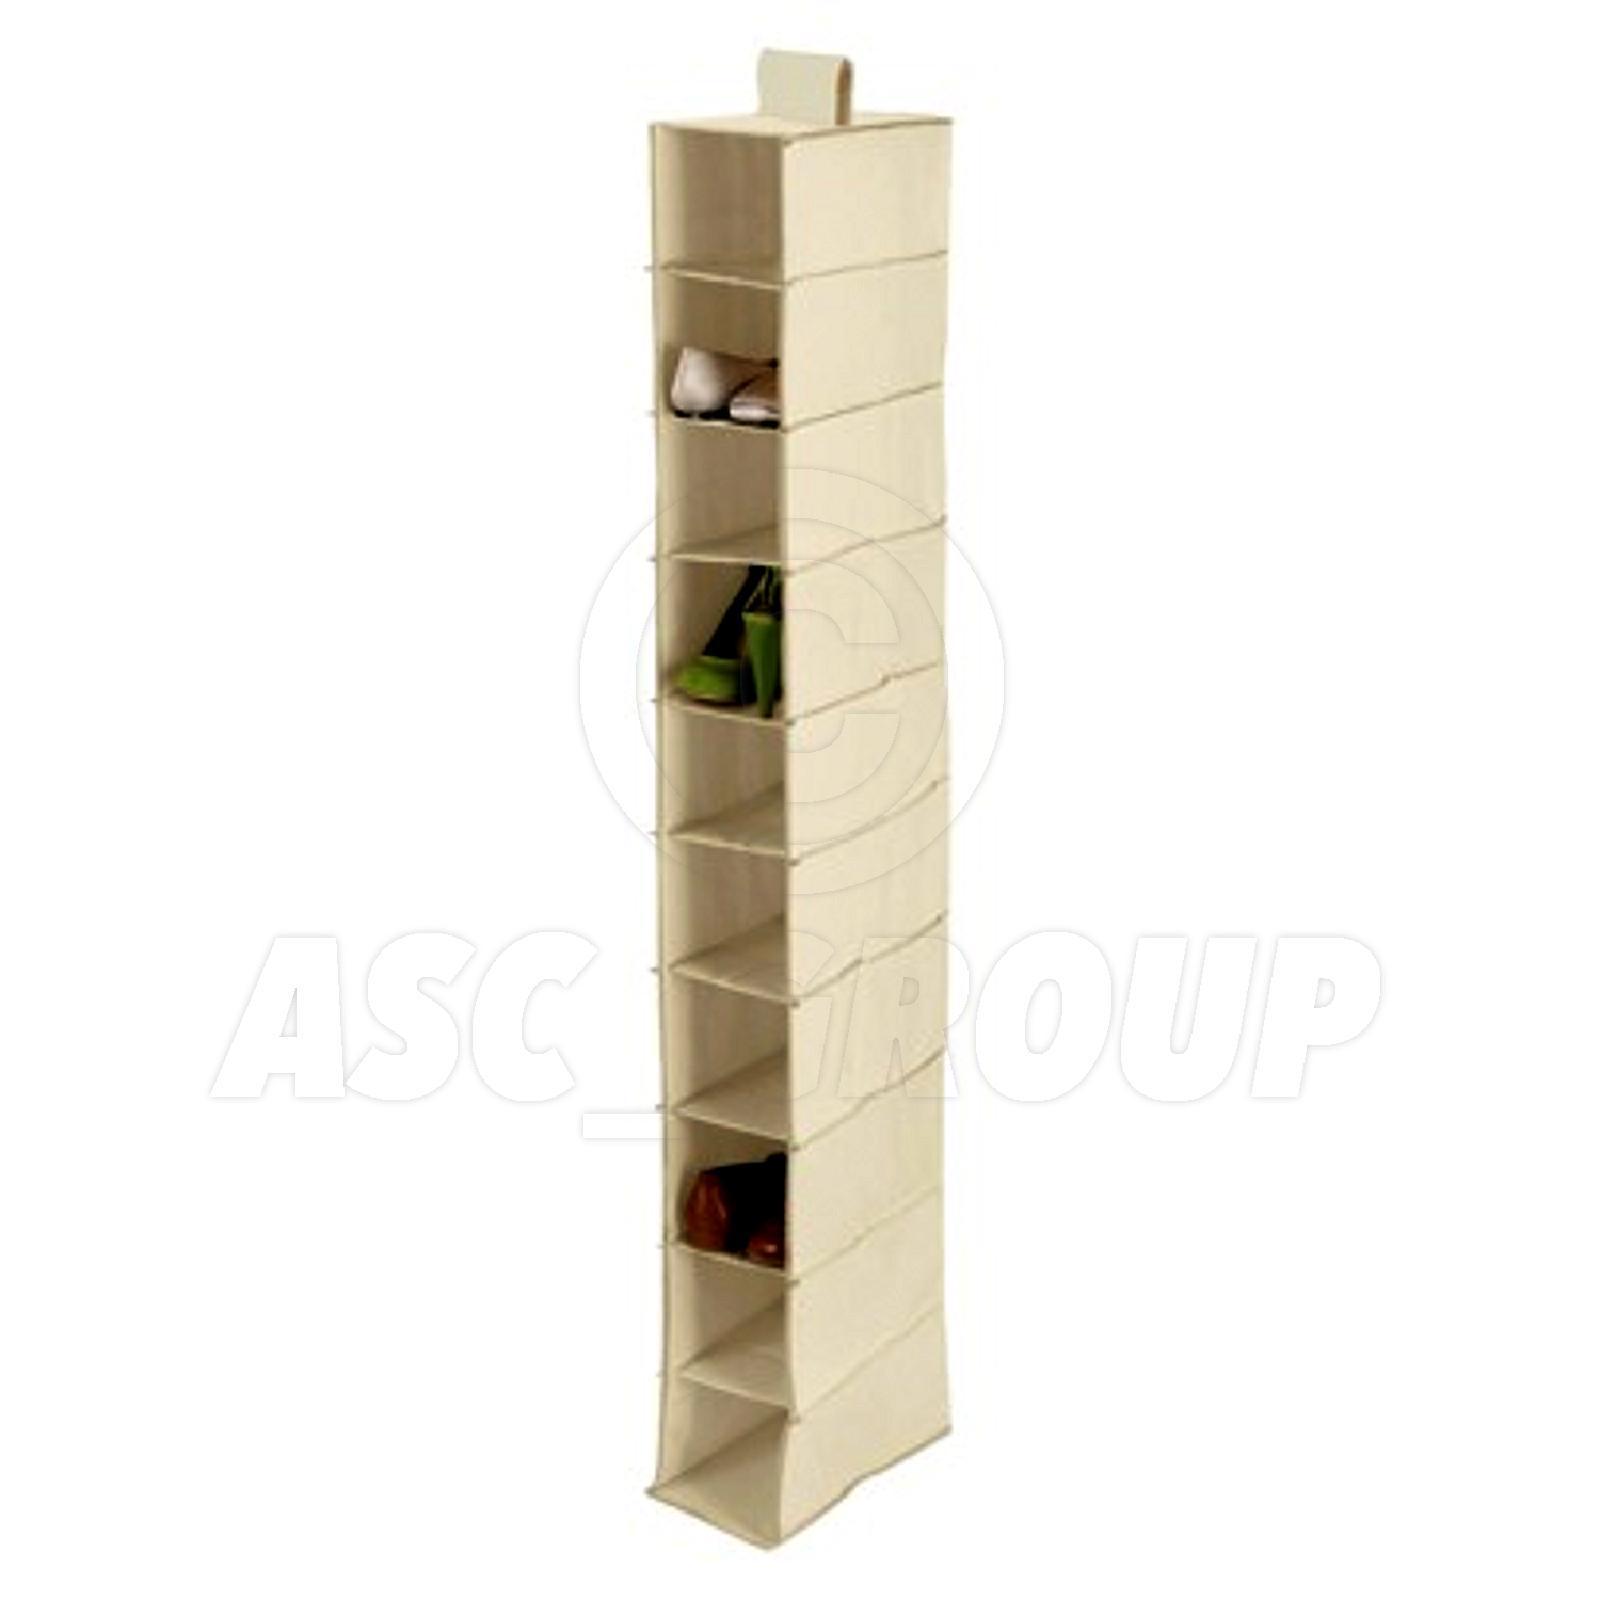 kleiderschrank schrank ordentlich 10 bereich schuh footware ordner hausschuhe ebay. Black Bedroom Furniture Sets. Home Design Ideas